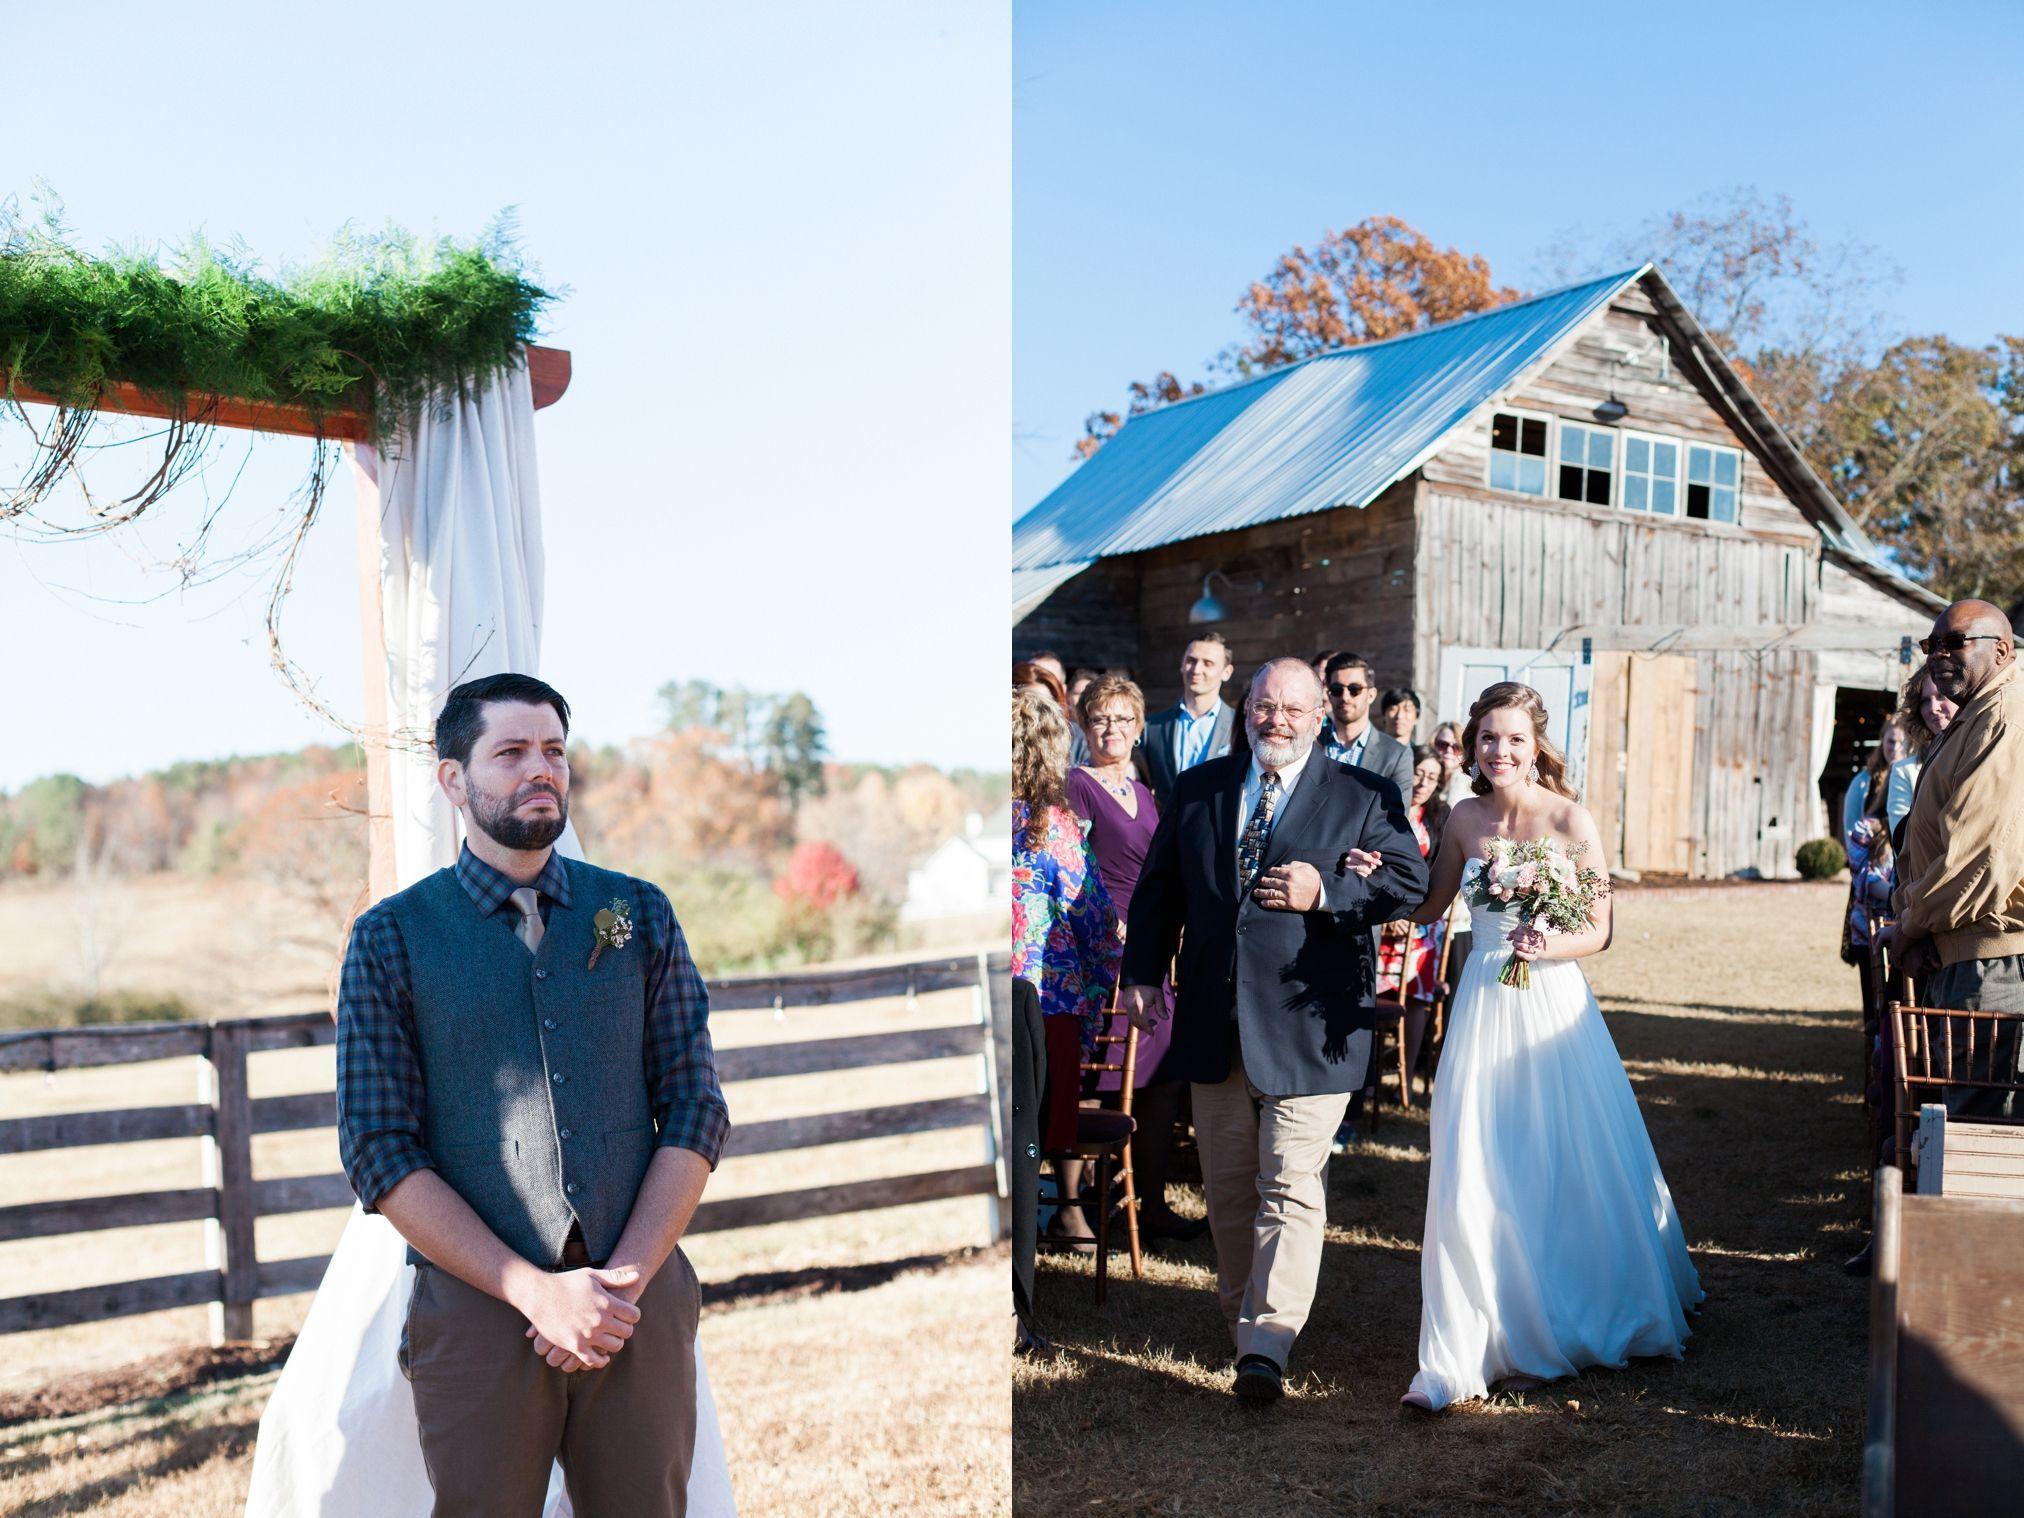 West milford farm west milford farm wedding west milford farm